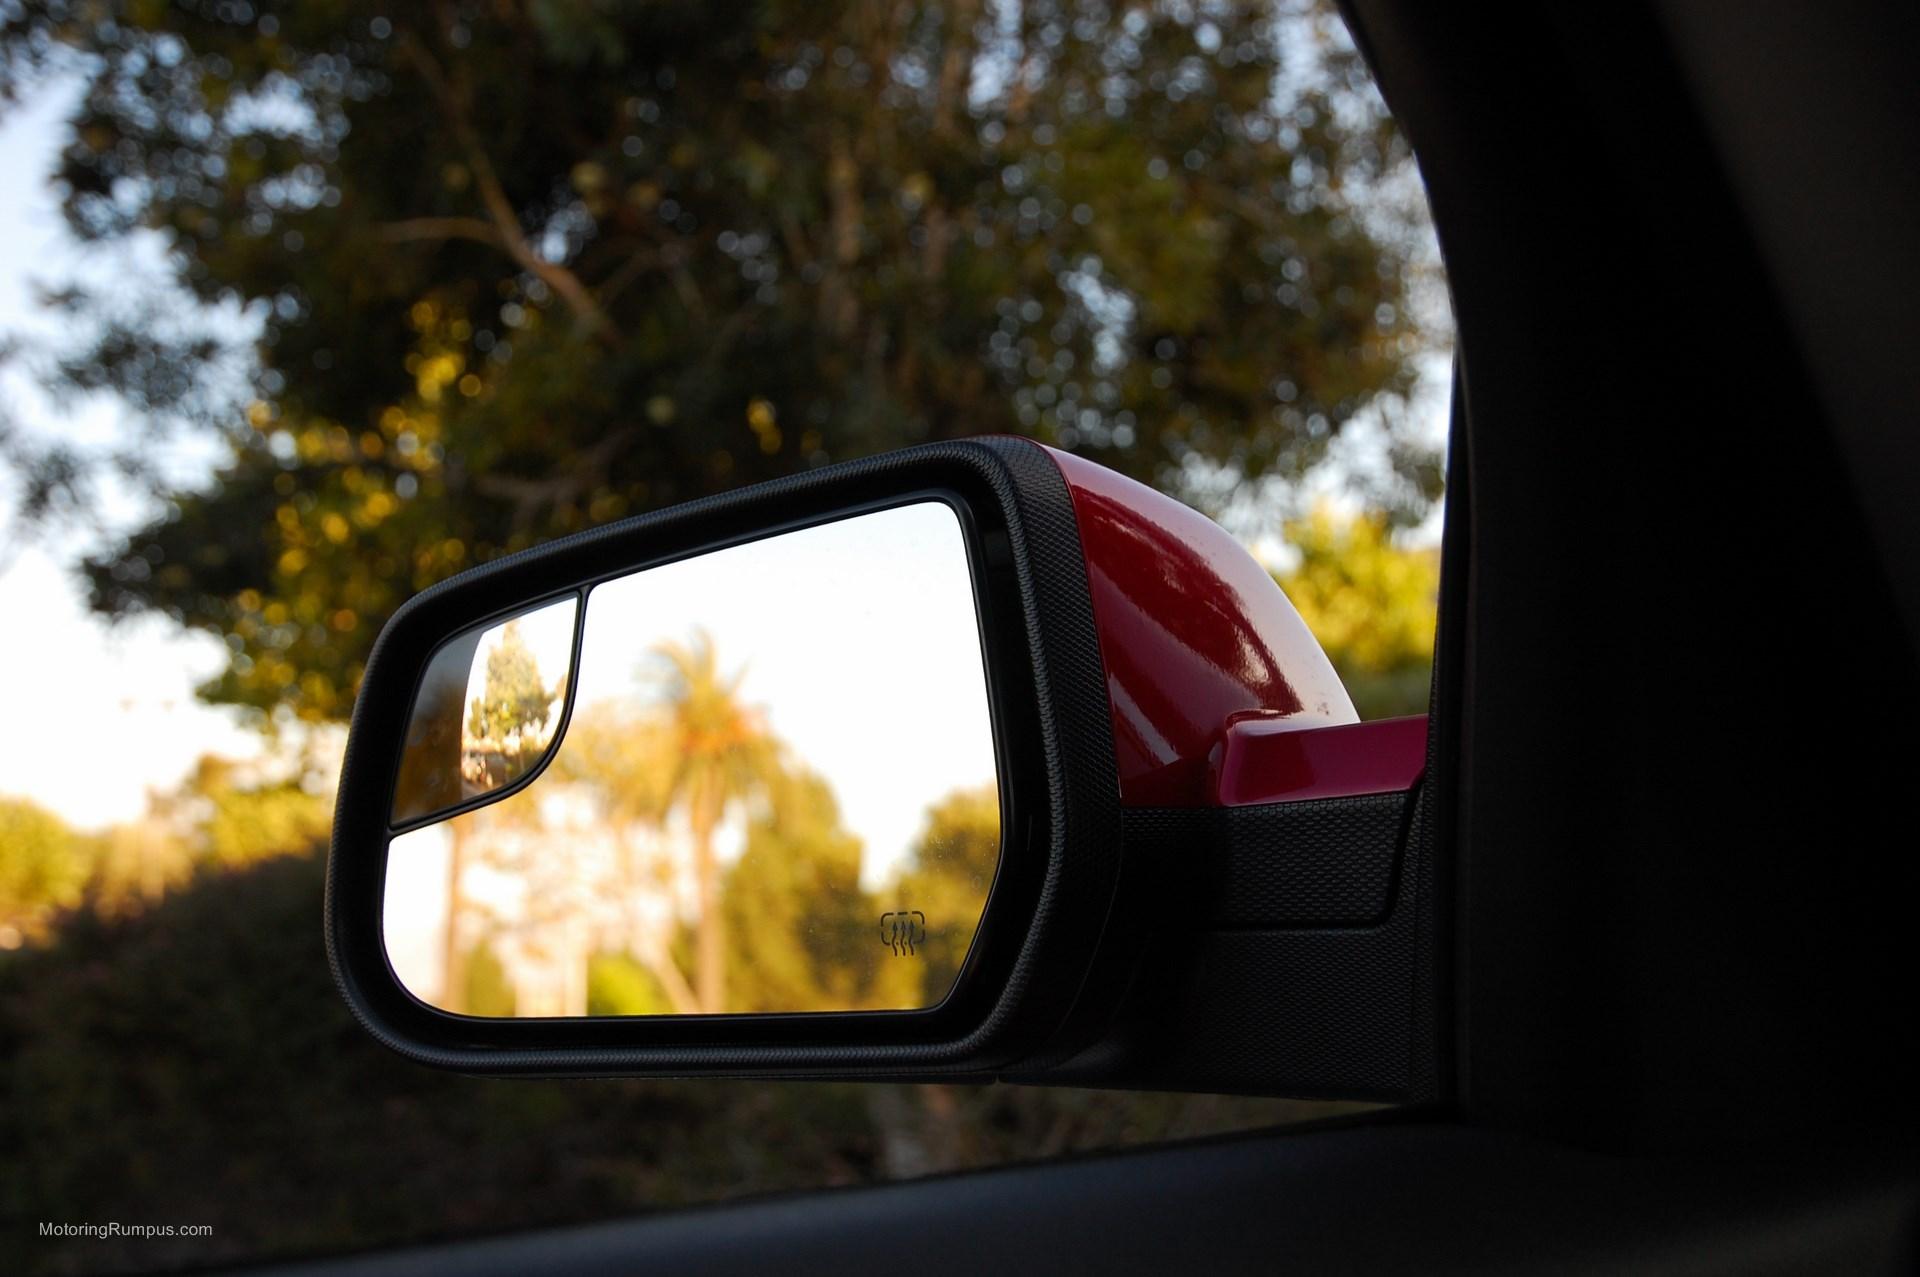 2014 Chevy Equinox Heated Mirrors